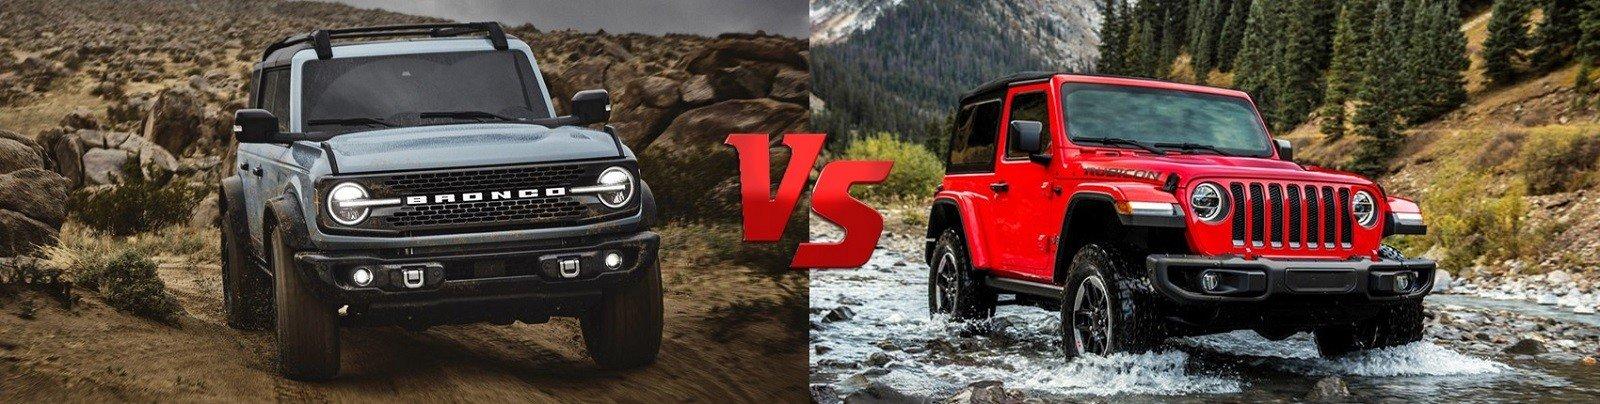 2021 Ford Bronco vs the New Jeep Wrangler